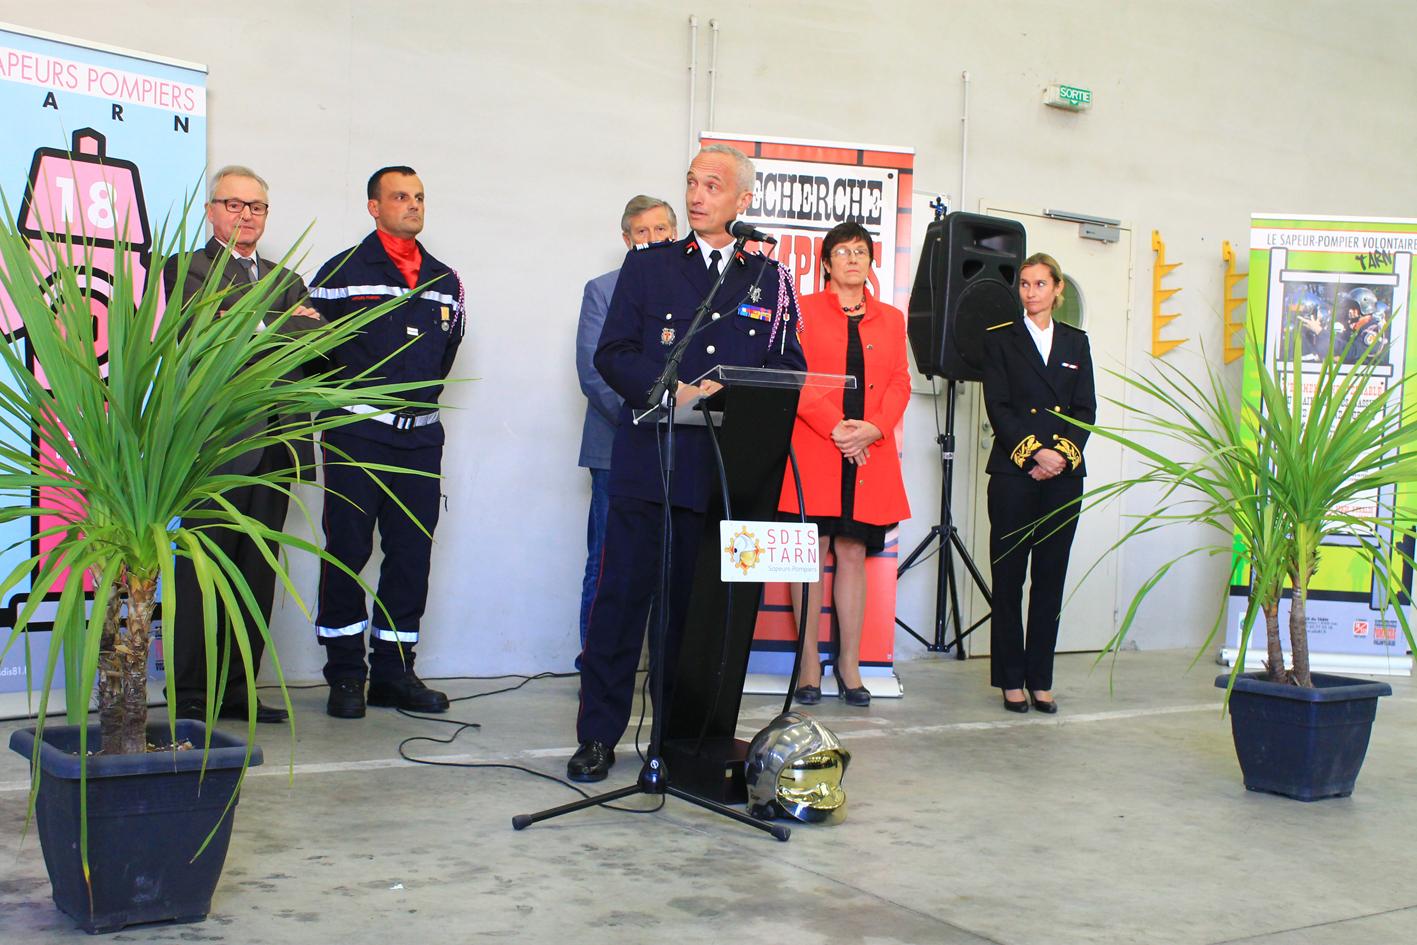 Passation de commandement au centre de secours de Lisle-sur-Tarn